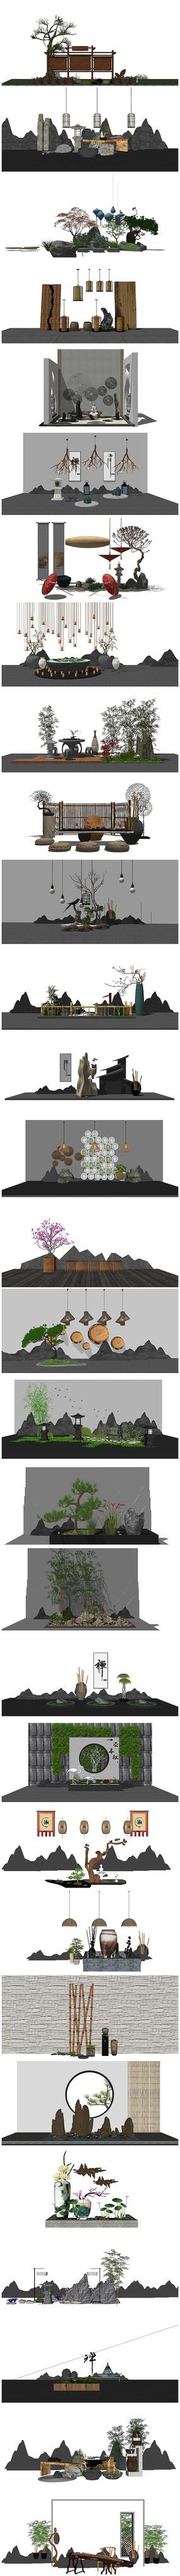 新中式禅意日式枯山水小品庭院园林景观模型